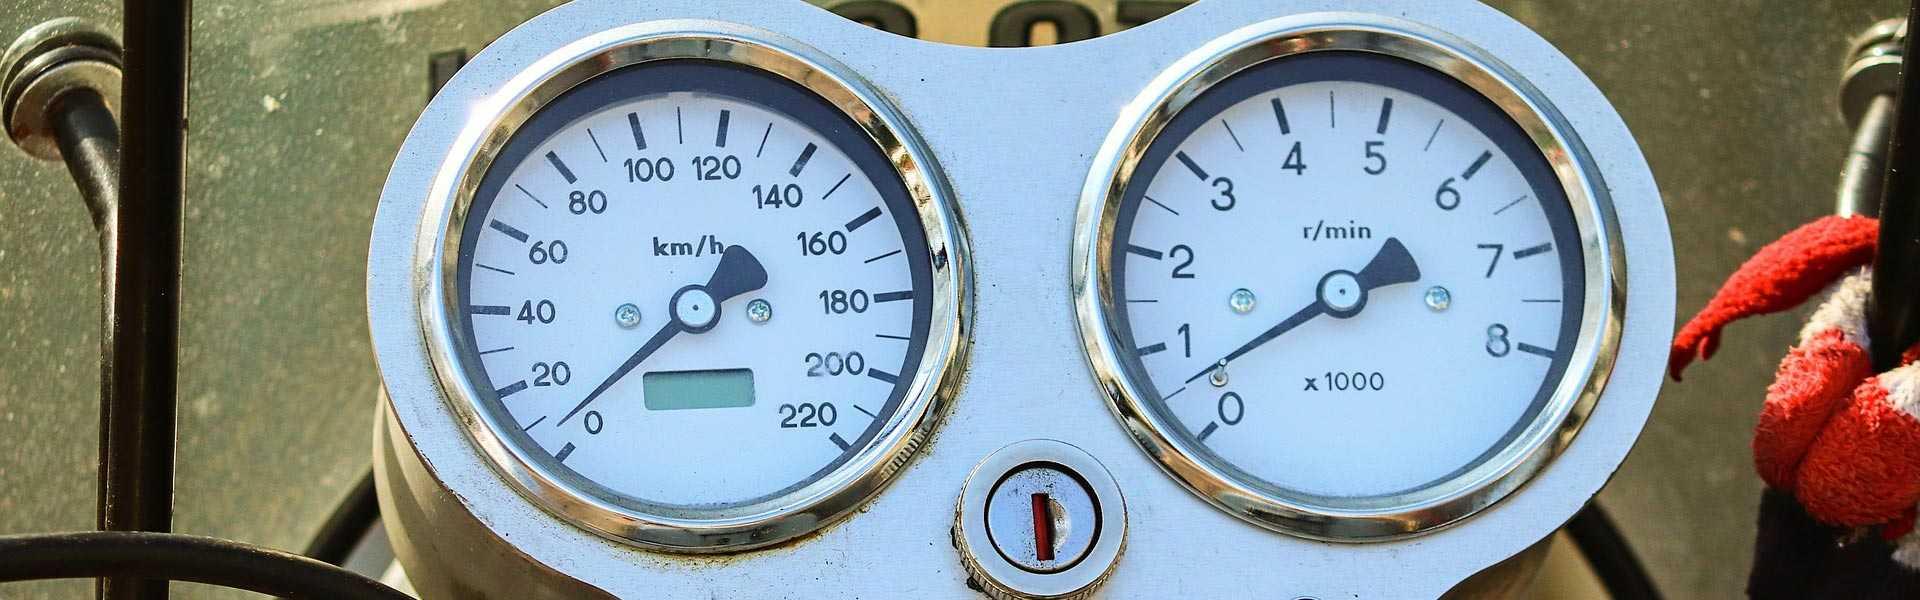 Les excès de vitesse explosent en juin